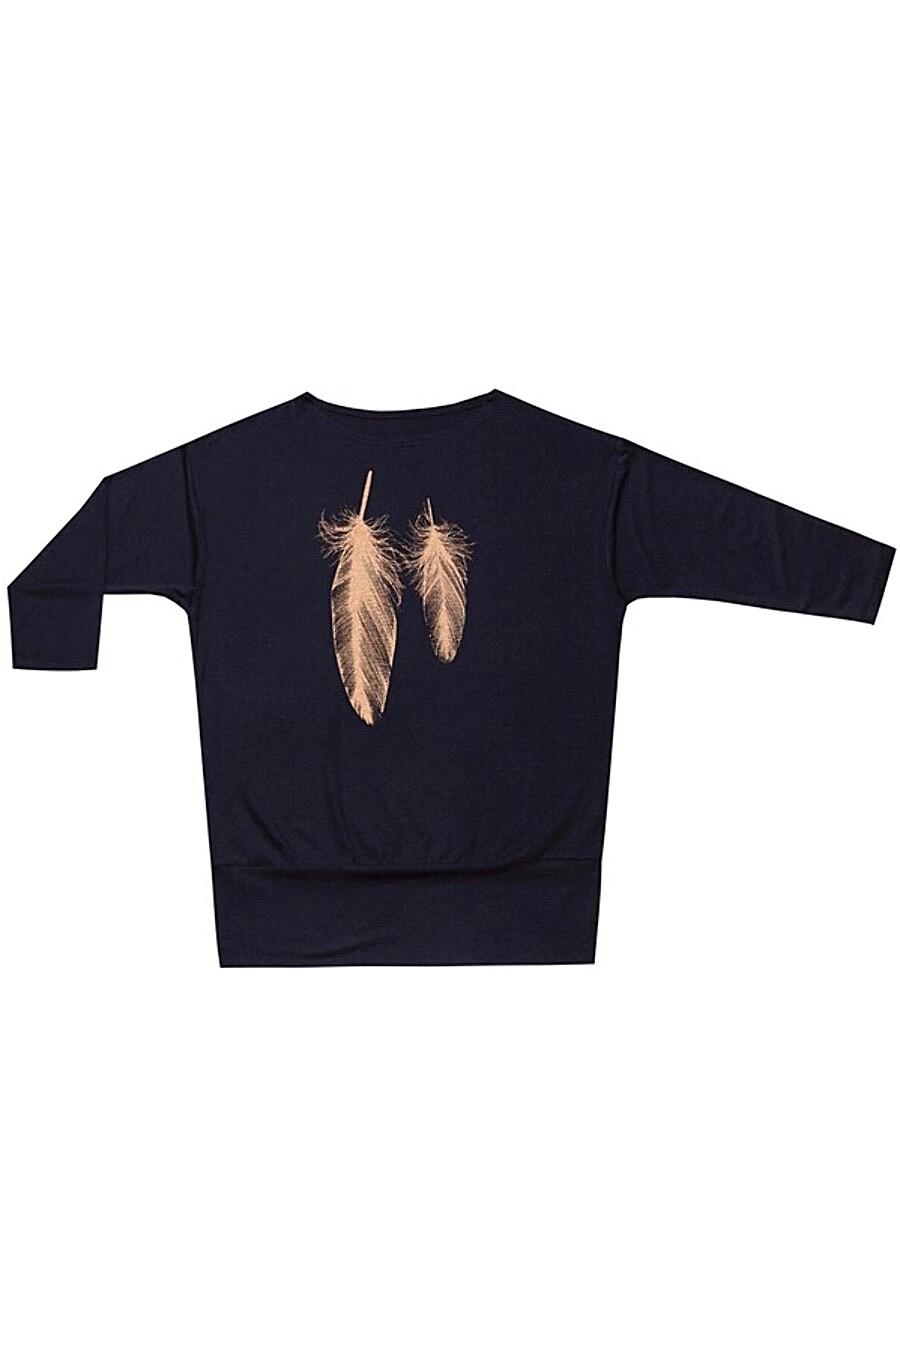 Лонгслив  для женщин Archi 288710 купить оптом от производителя. Совместная покупка женской одежды в OptMoyo